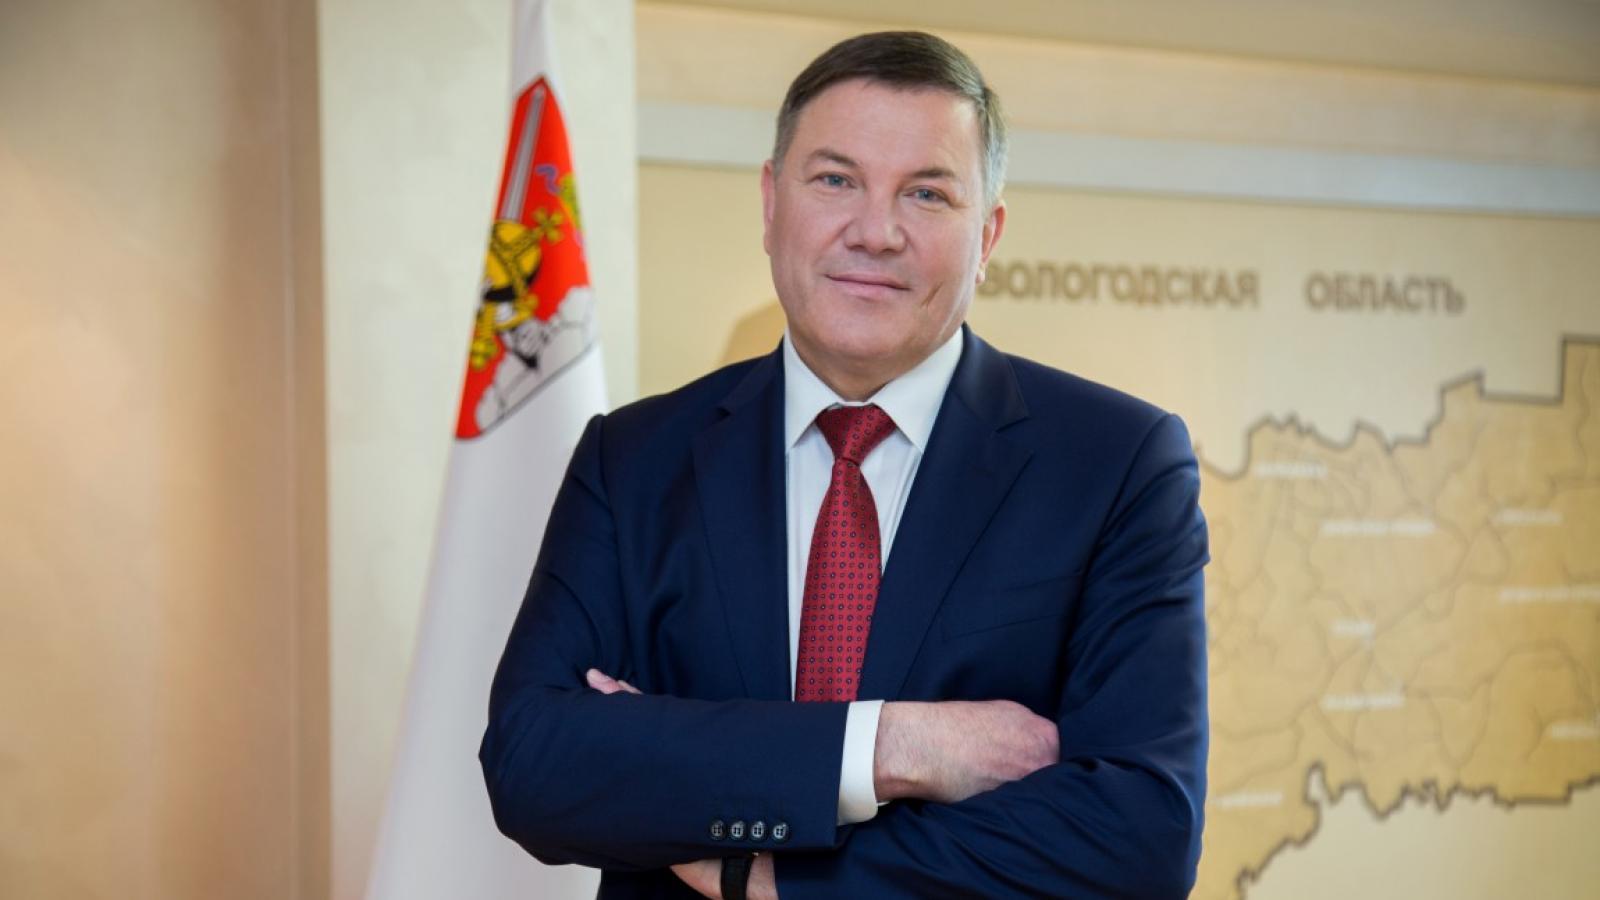 Олег Кувшинников повысил свой рейтинг влияния